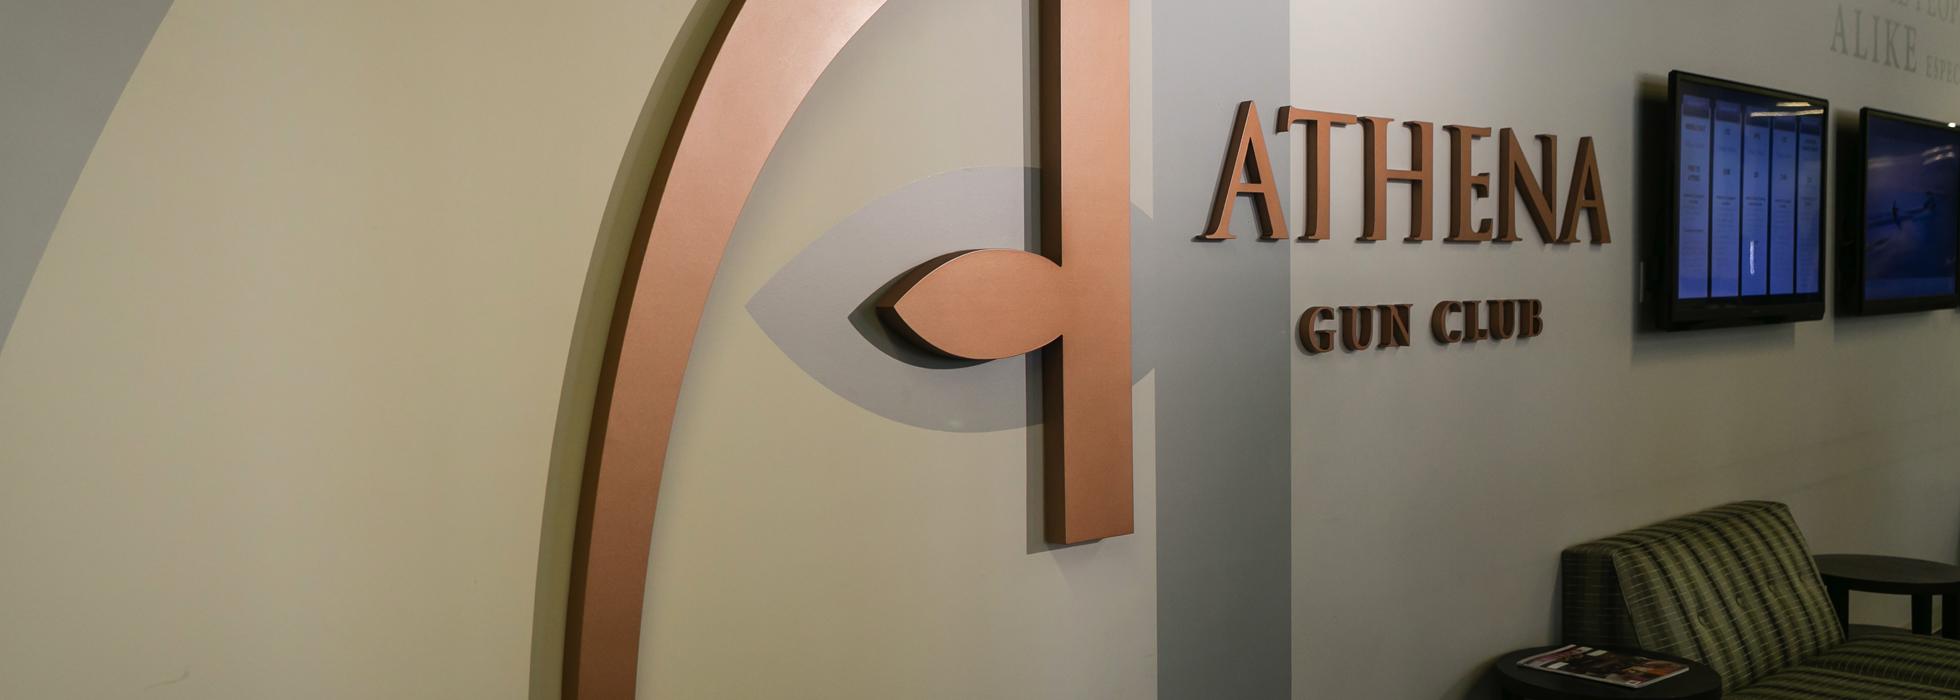 Book an Event at Athena Gun Club in Houston, TX